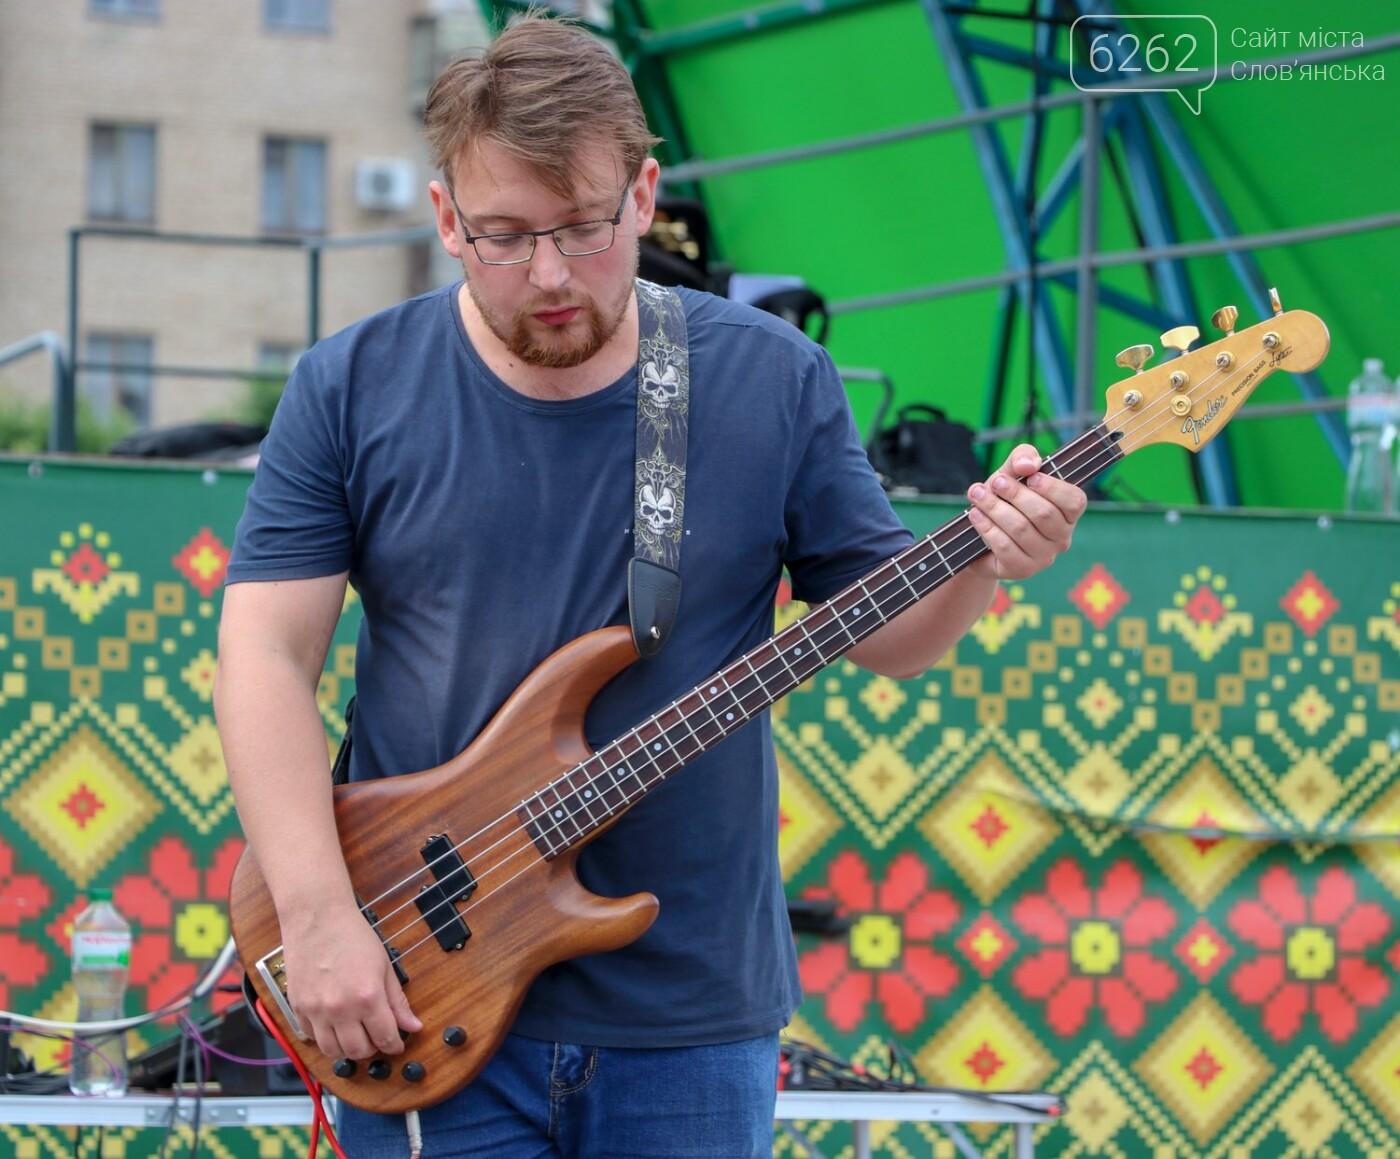 Скрипка, джаз та вечірні танці - яким був День вуличної музики у Слов'янську, фото-13